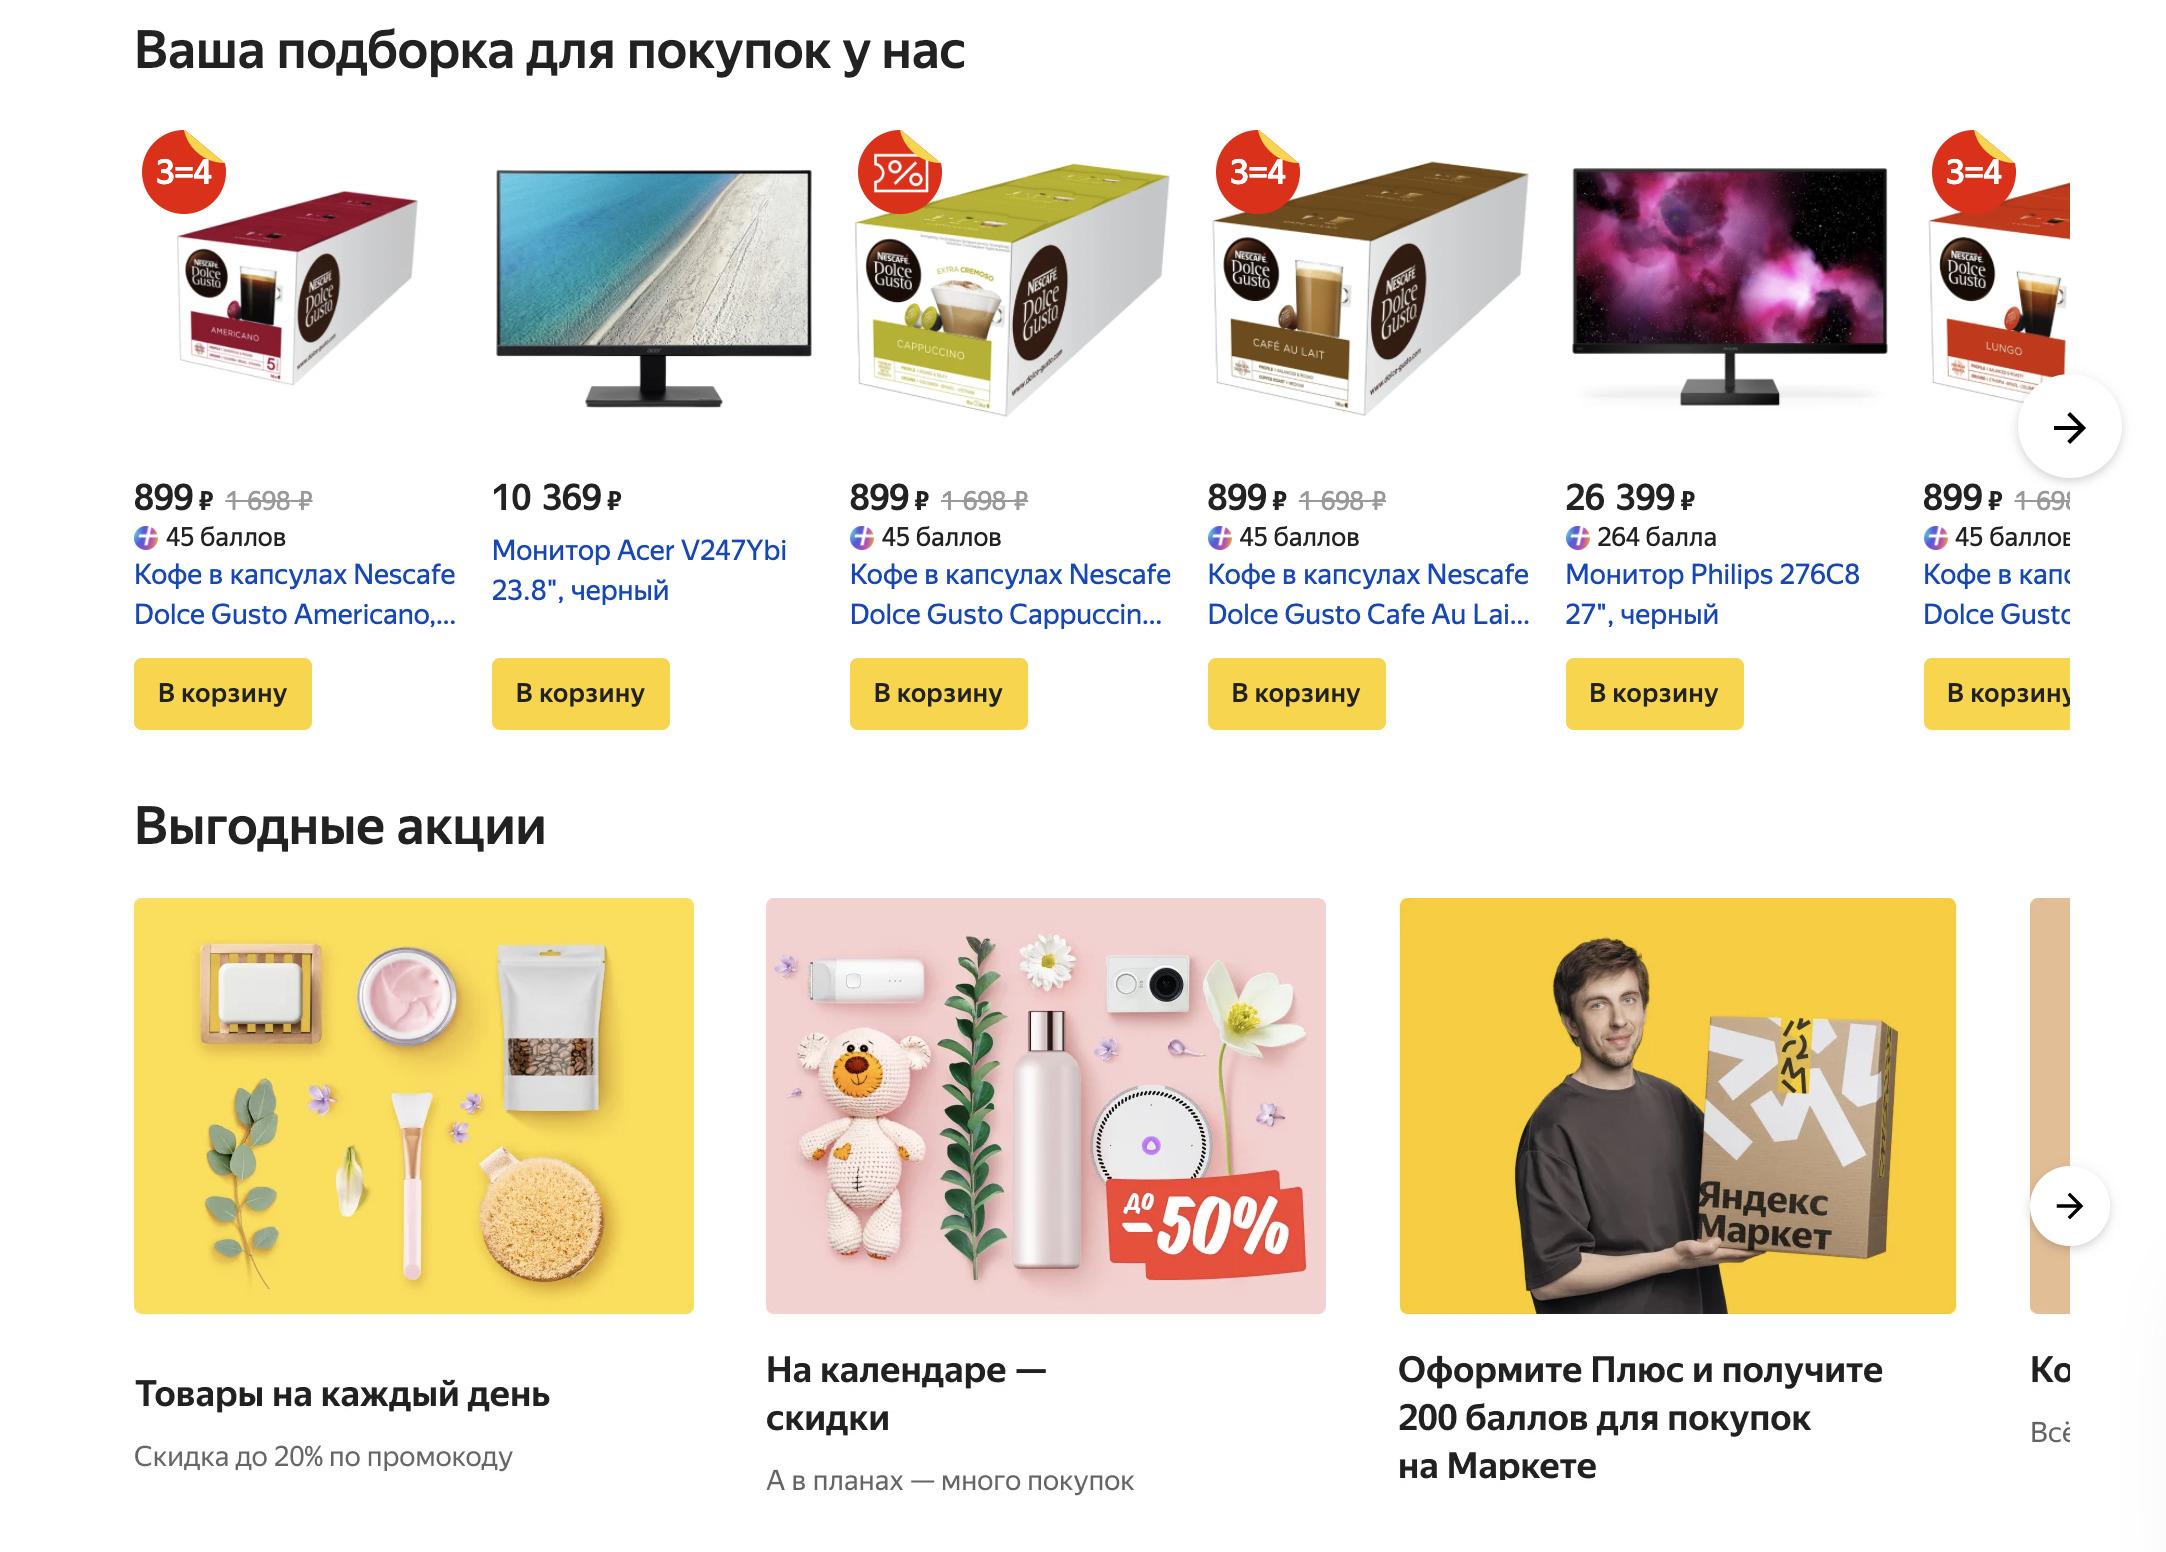 Доставка из Яндекс.Маркет в Чита, сроки, пункты выдачи, каталог